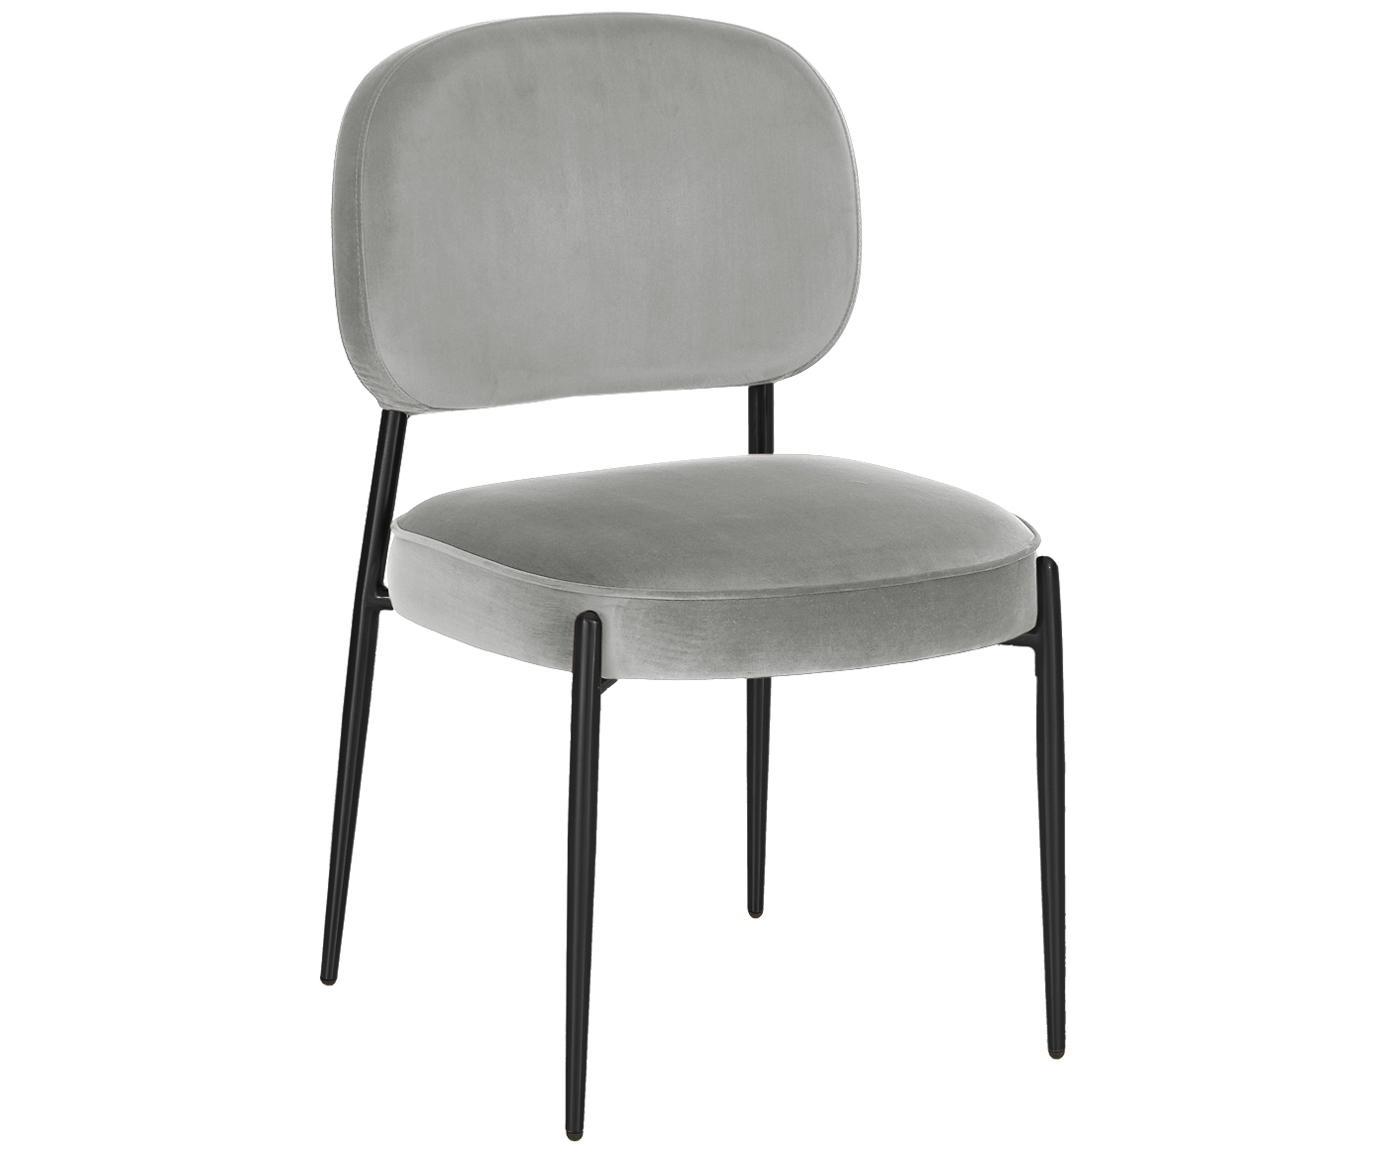 Fluwelen stoel Viggo, Bekleding: fluweel (polyester), Lichtgrijs, B 49 x D 66 cm